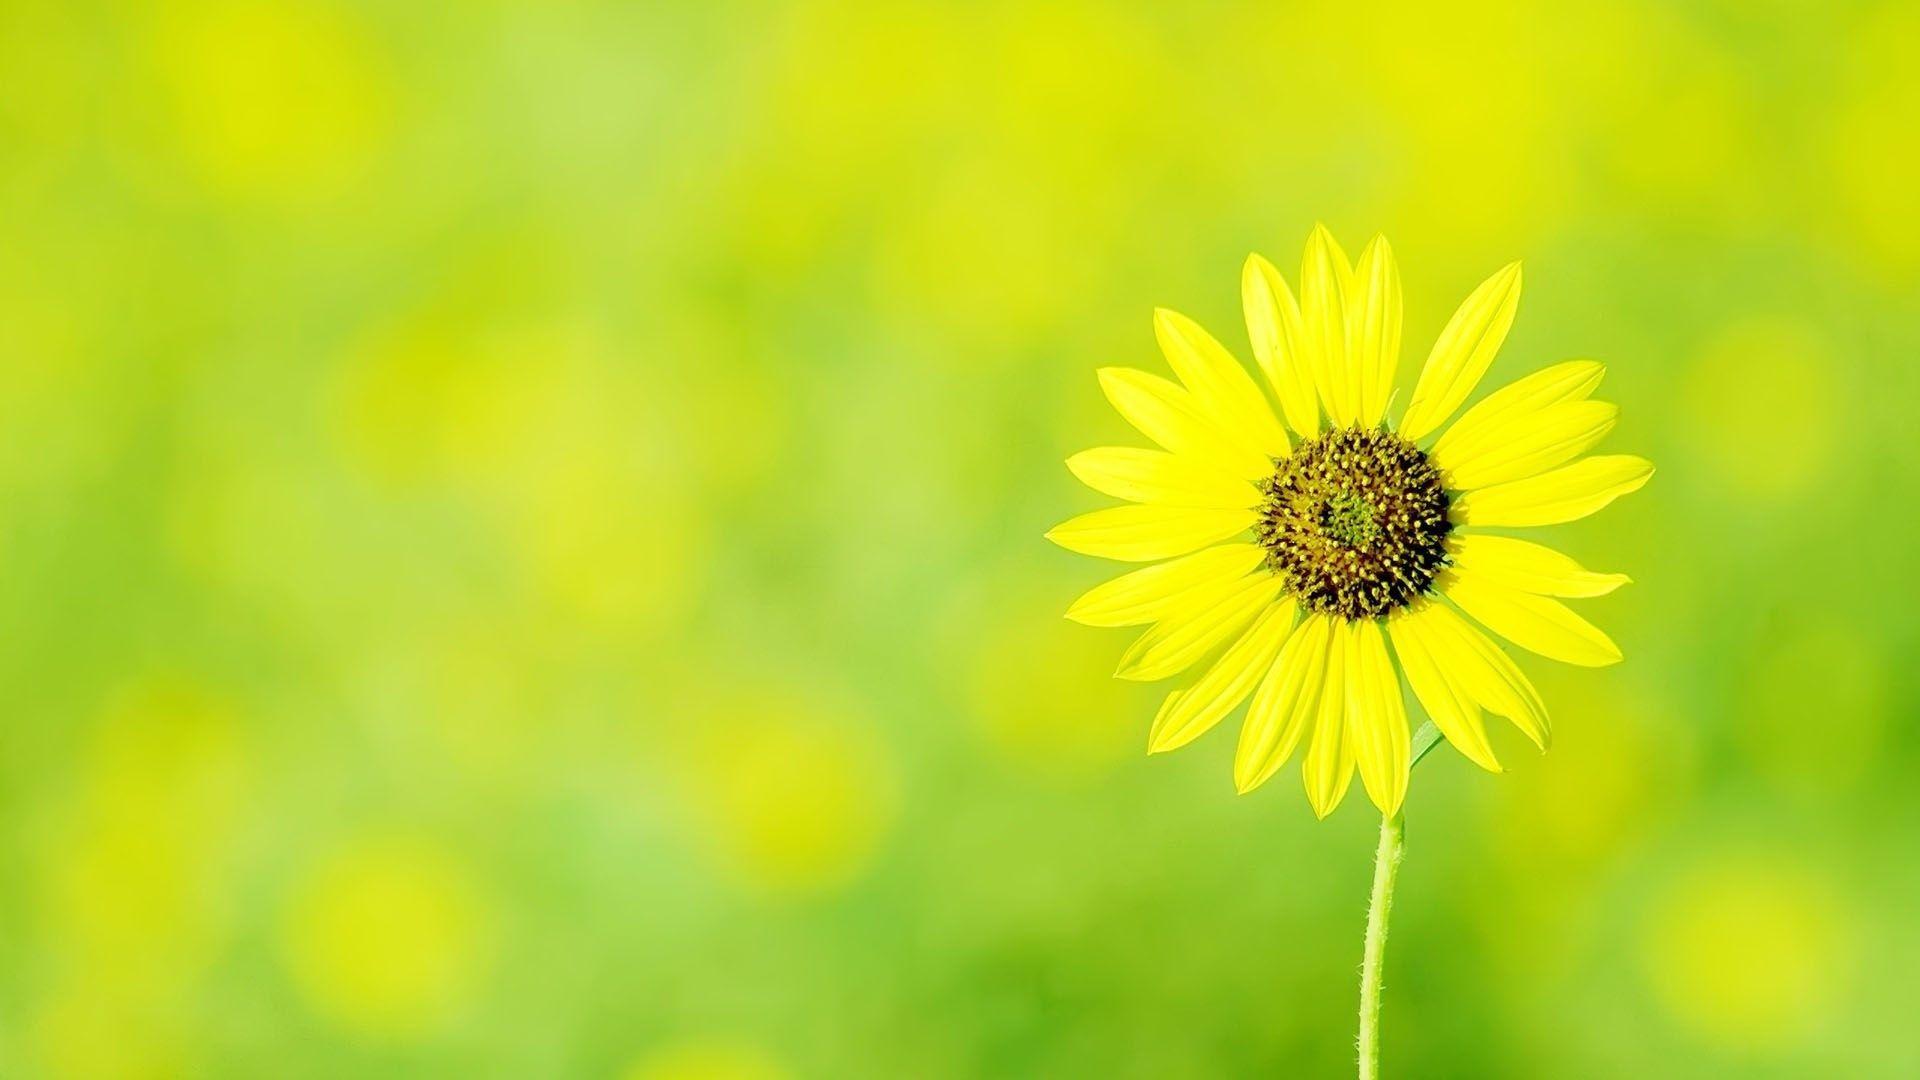 Gorgeous Sunflower Wallpaper